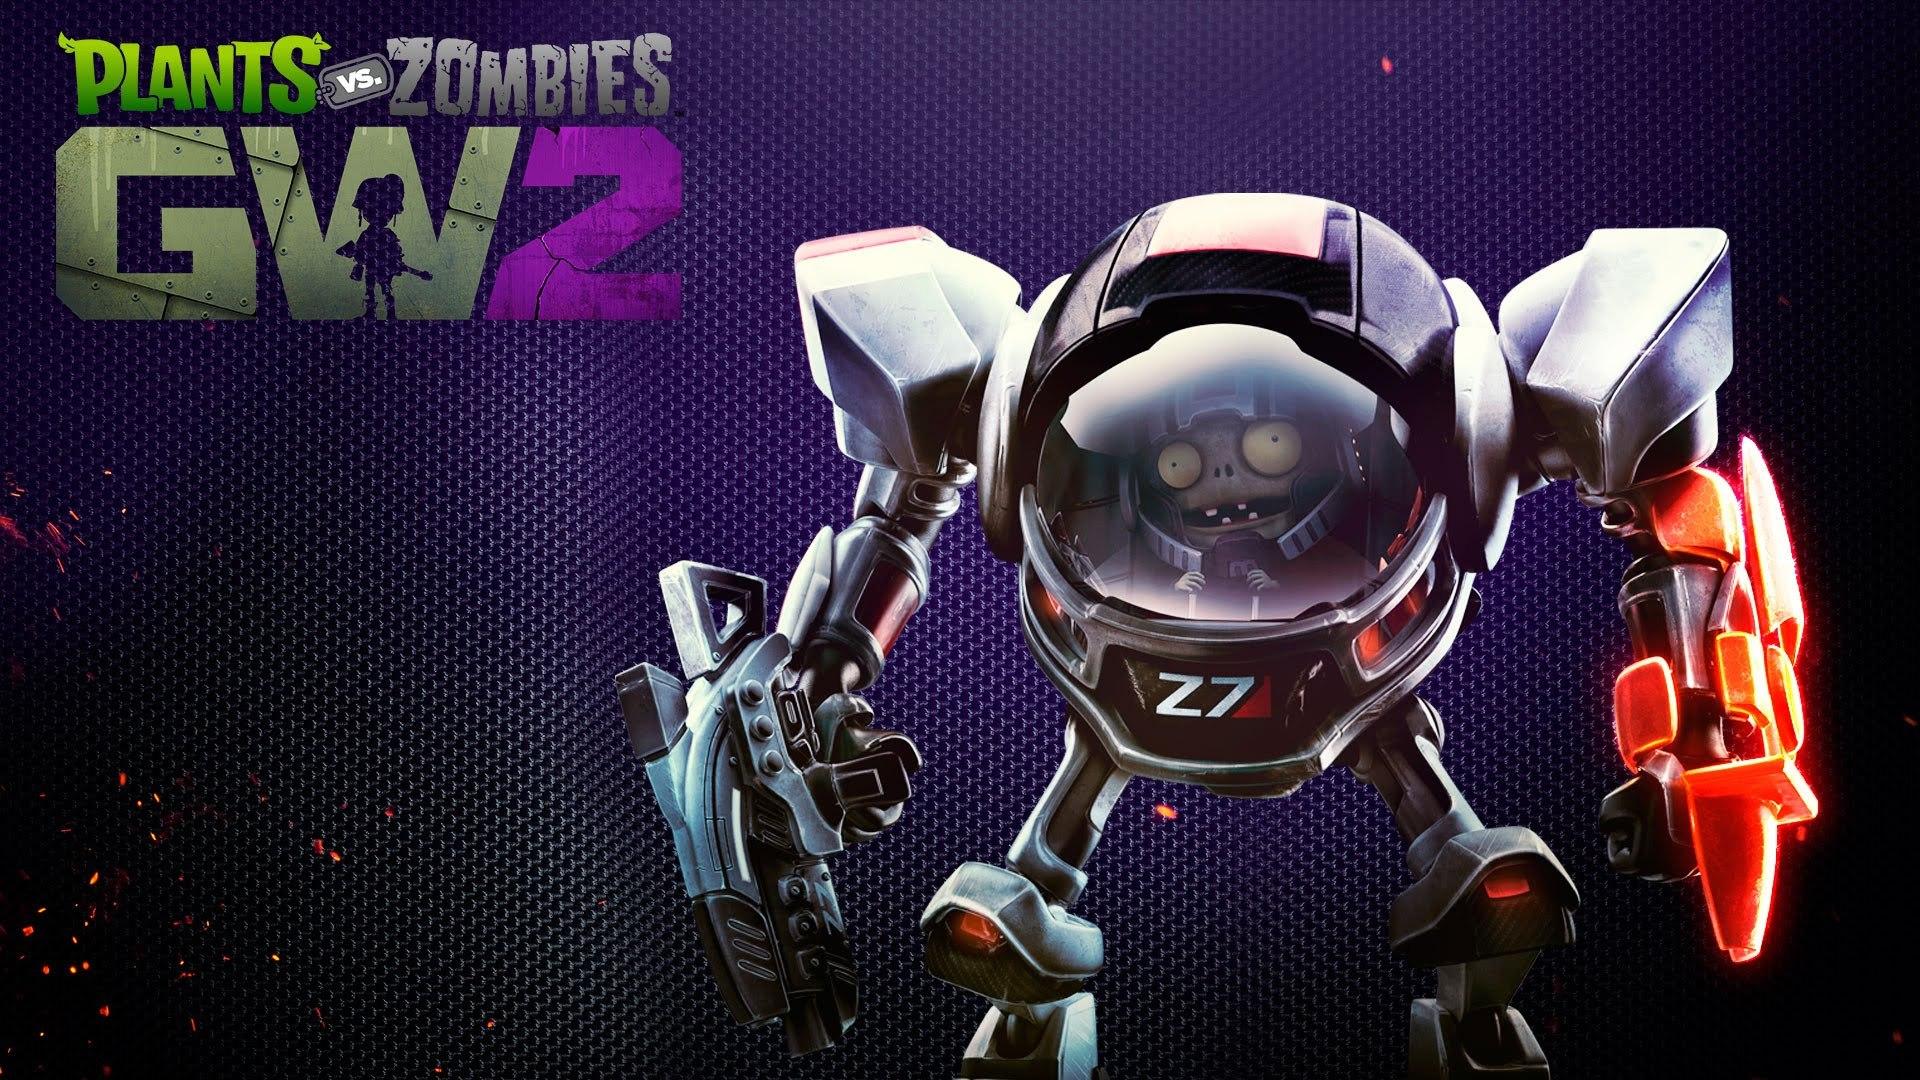 Pvz Garden Warfare 2 Official Grass Effect Z7 Mech Gameplay